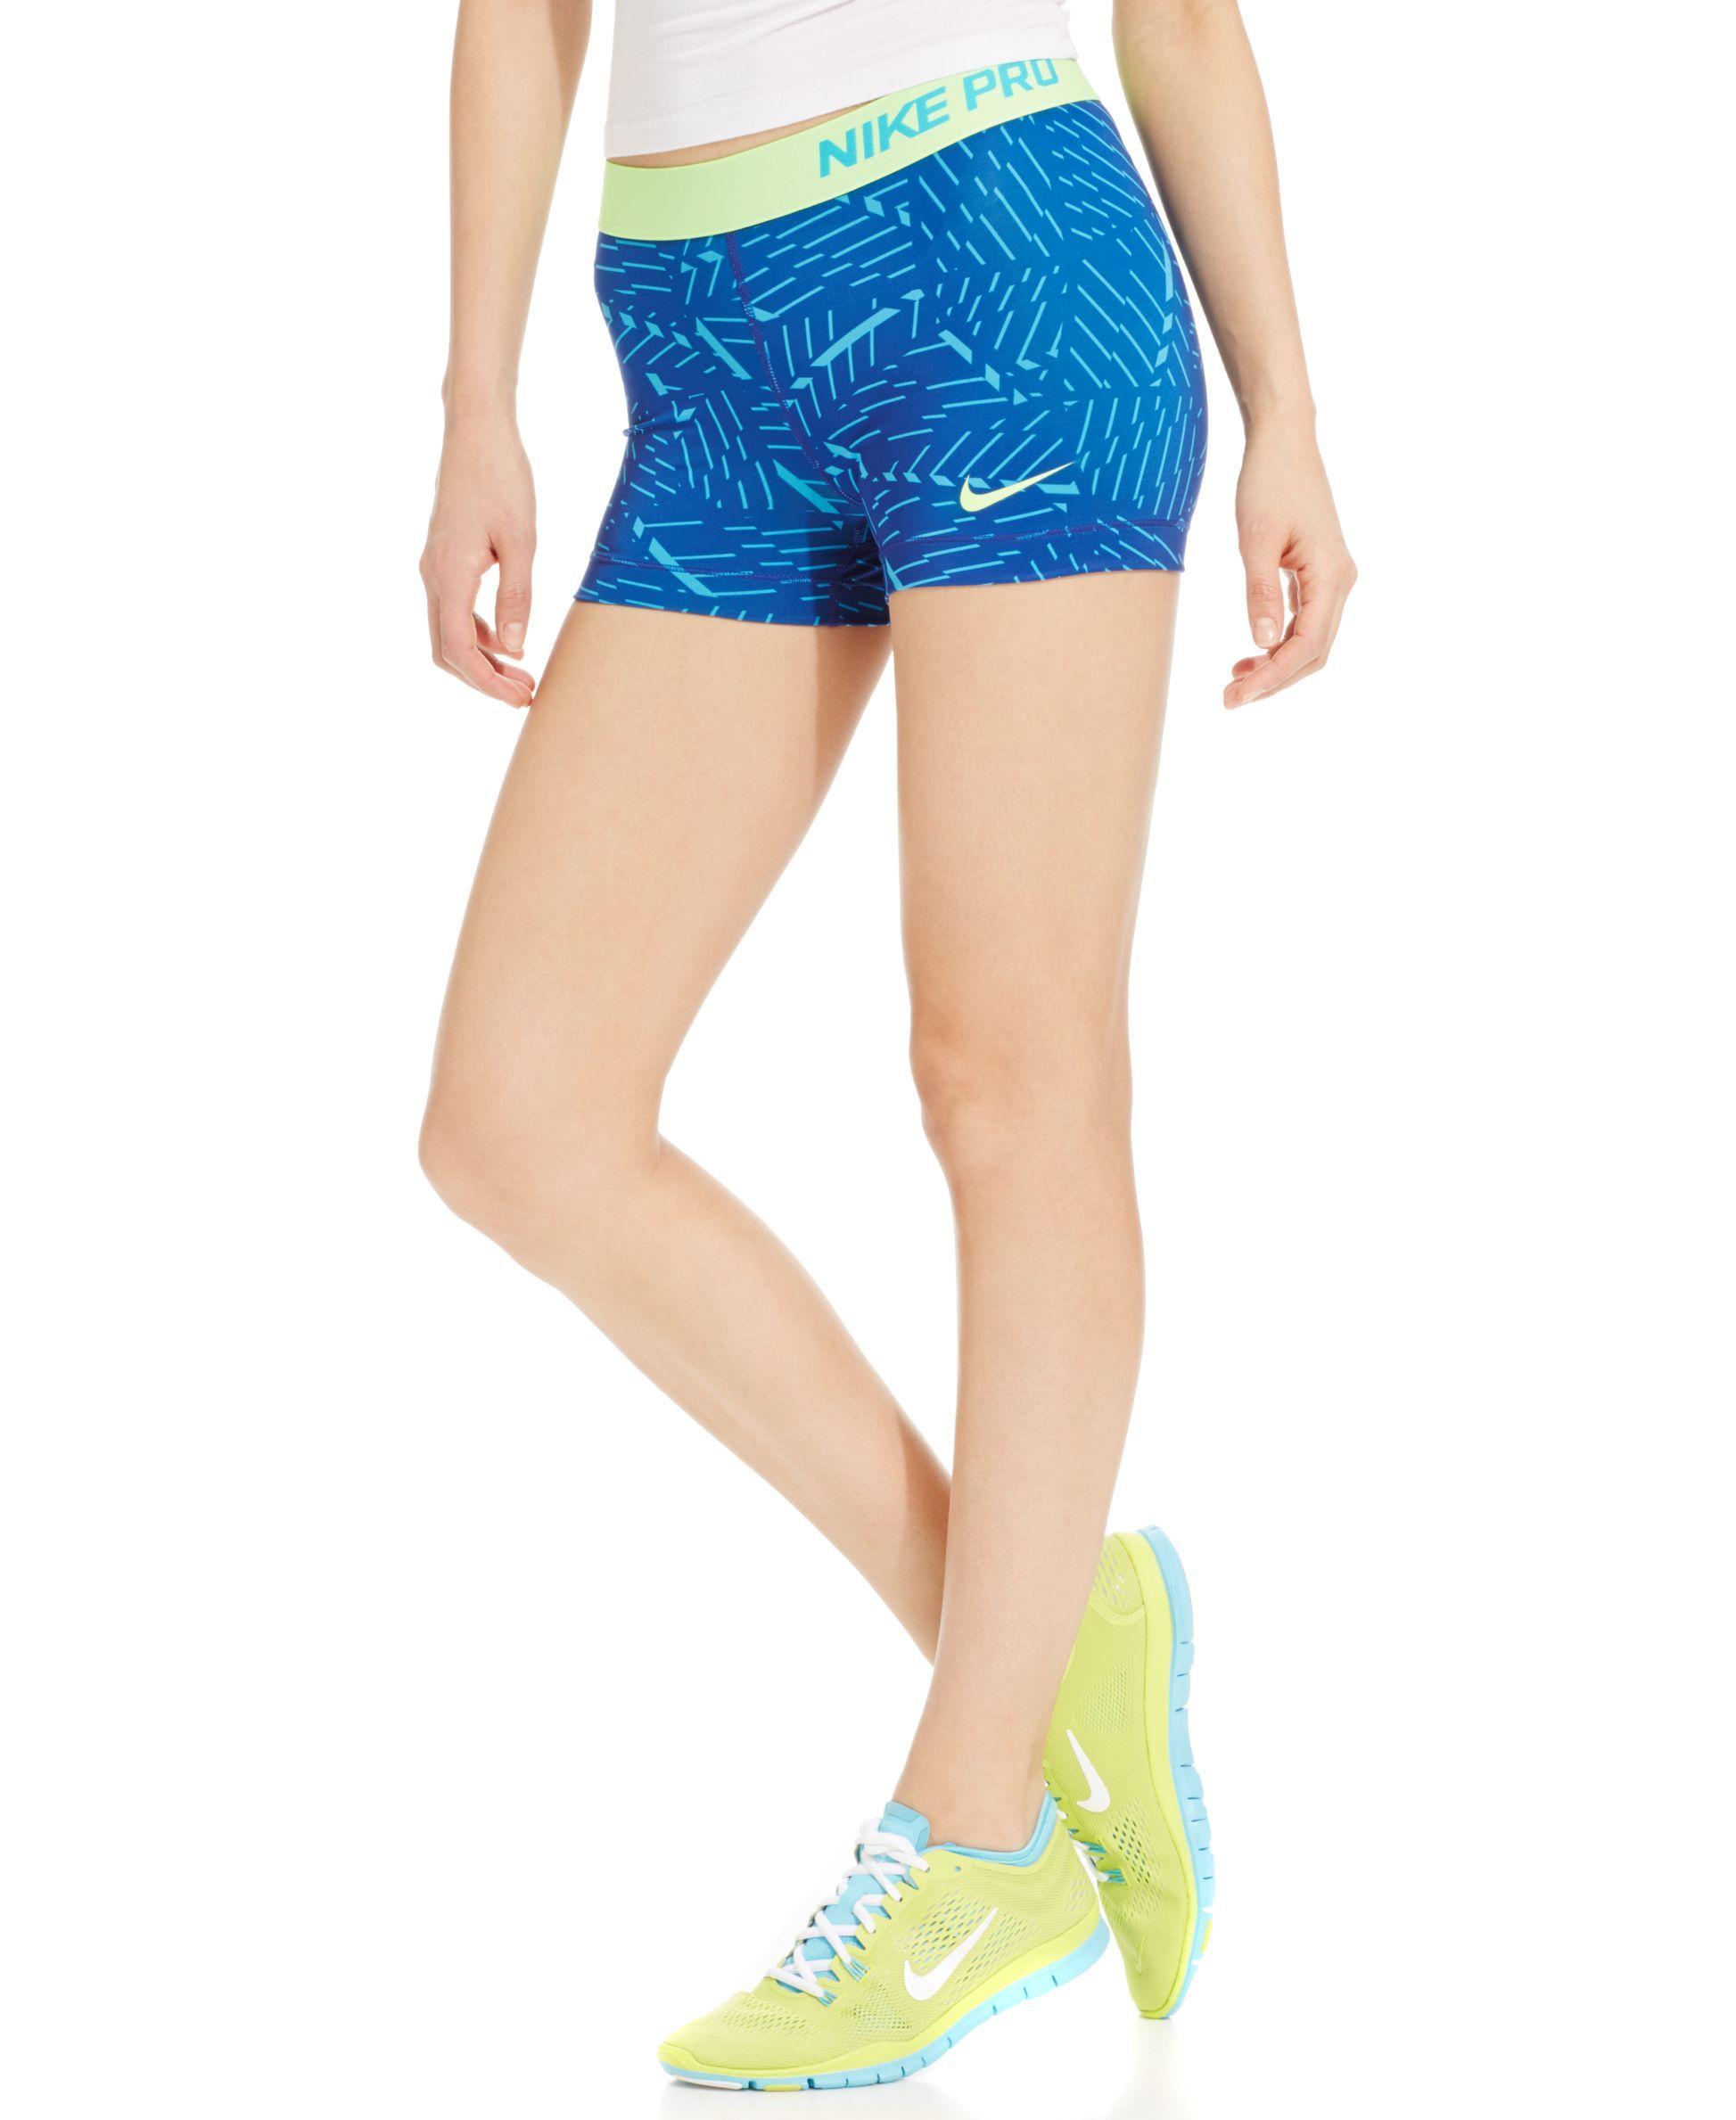 """Nike Pro 3"""" Bash Training Shorts (With images) Nike pros"""